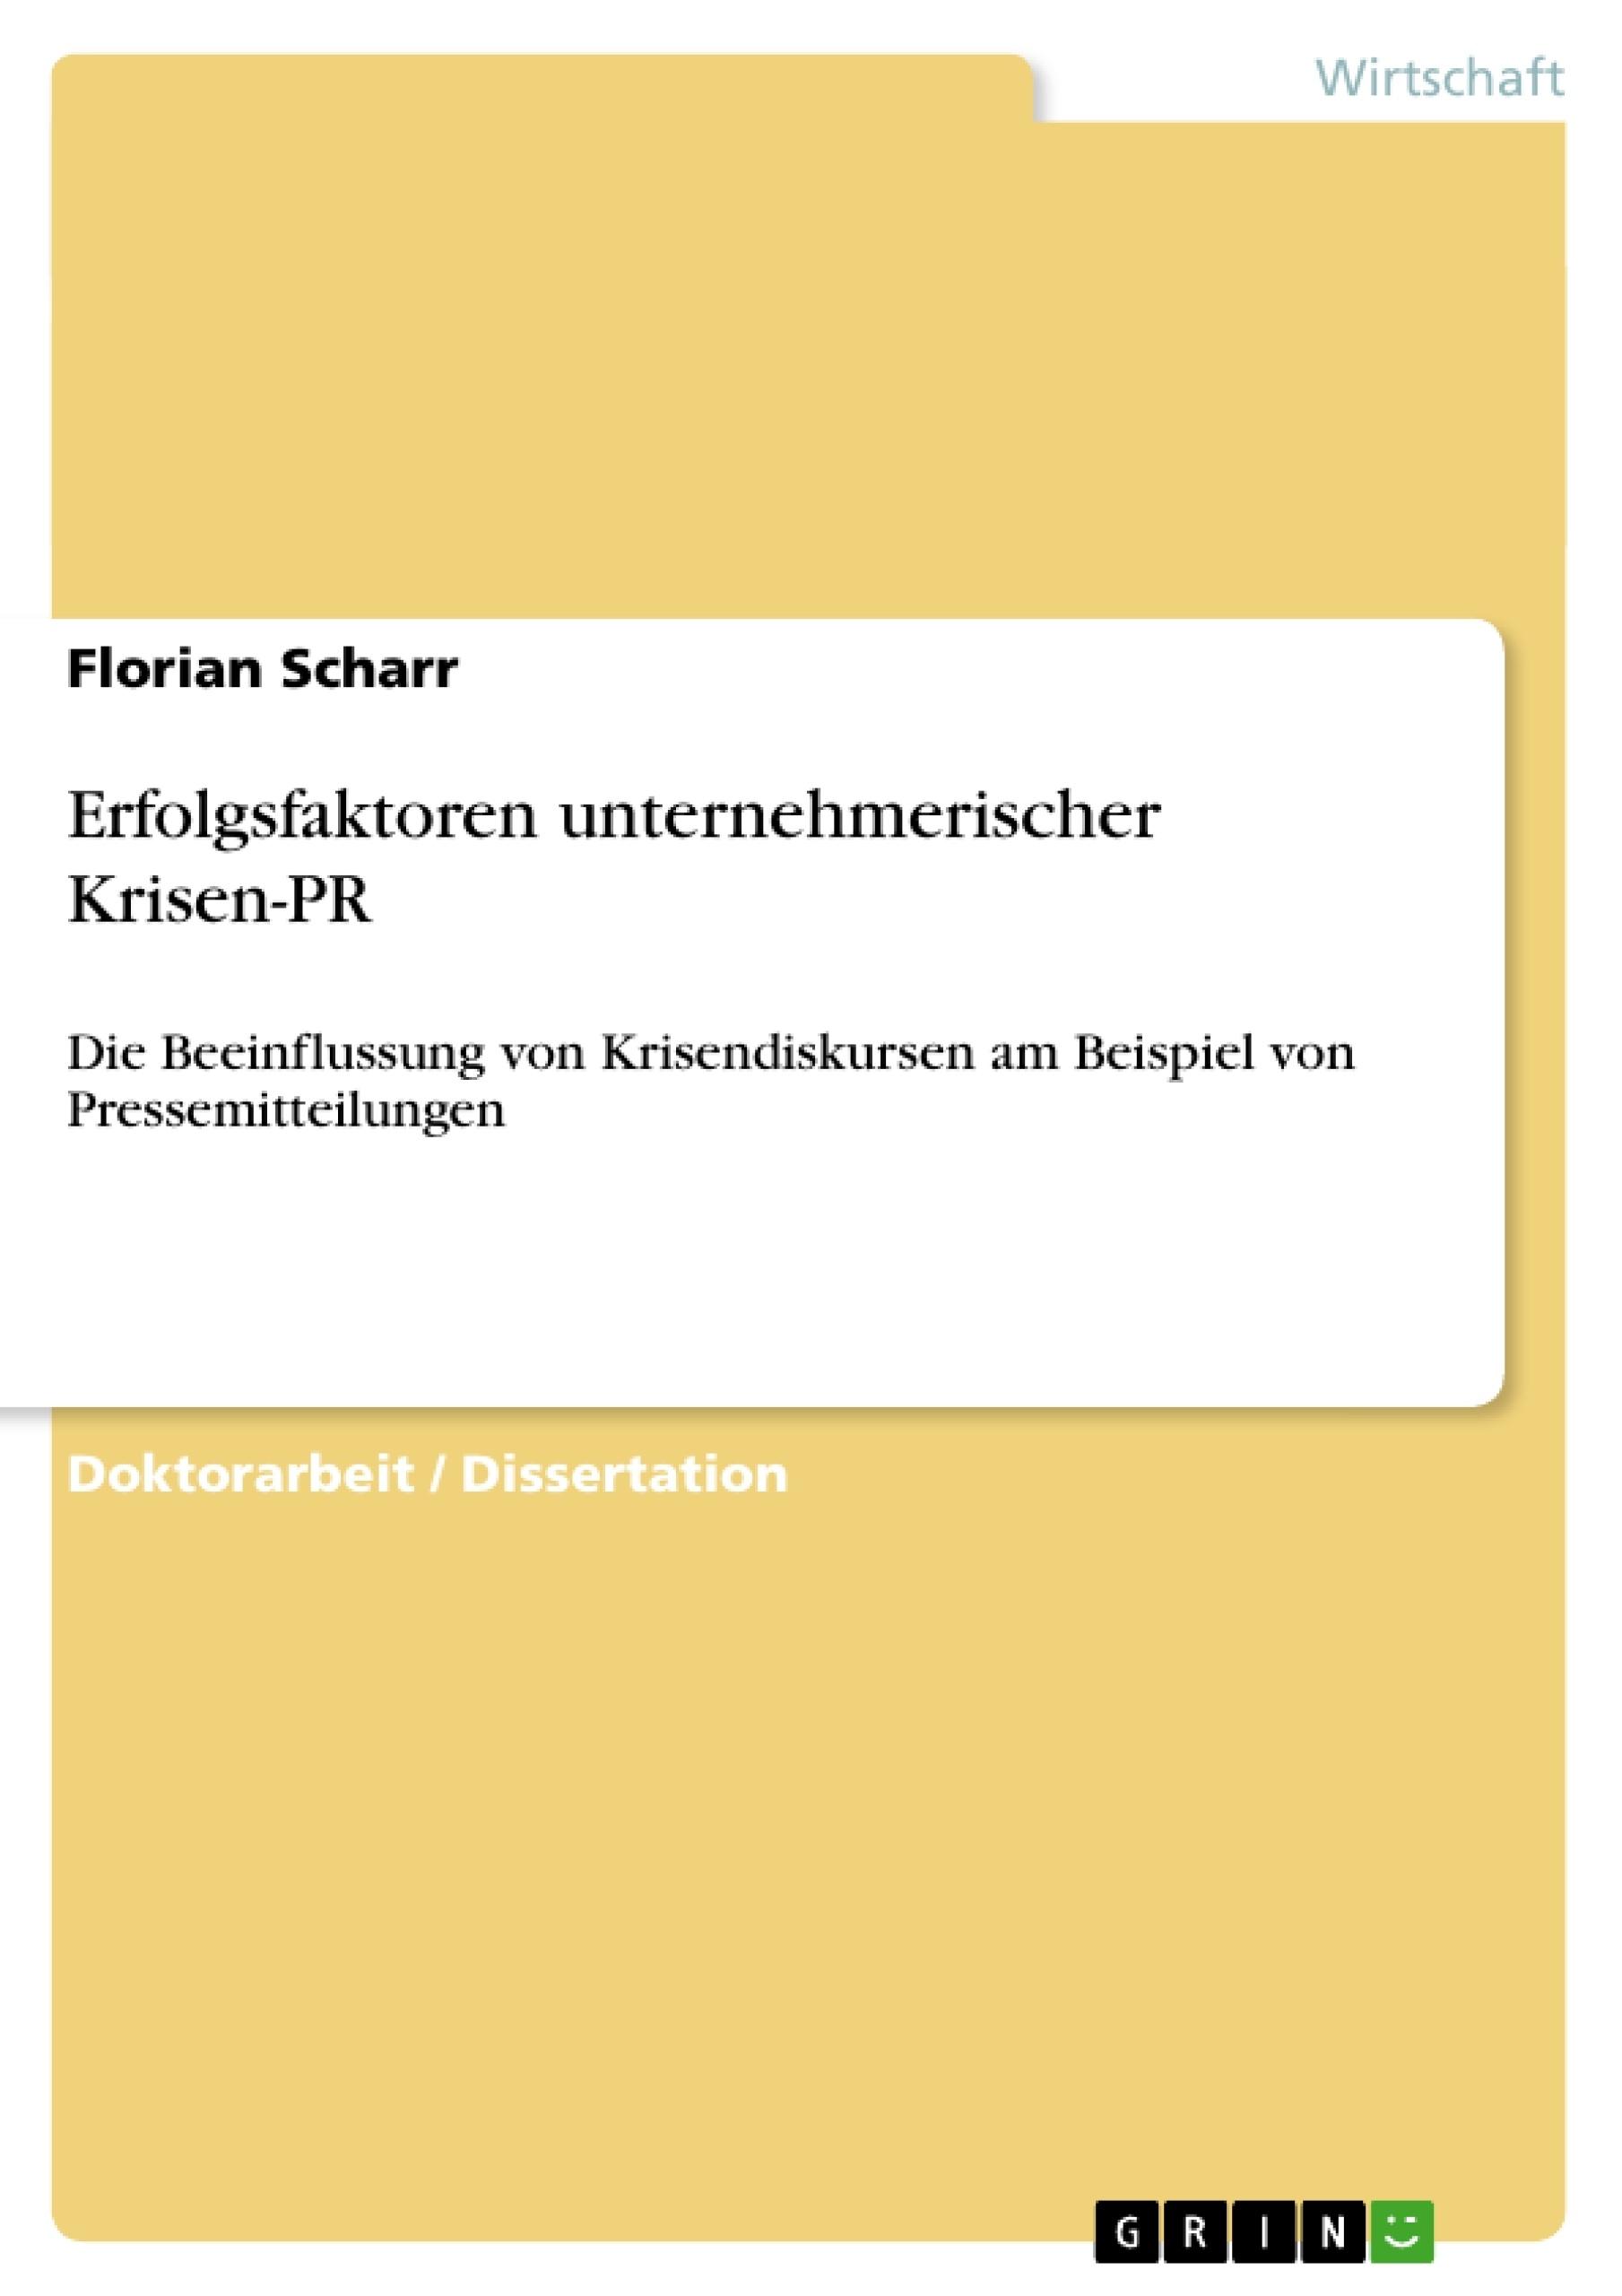 Titel: Erfolgsfaktoren unternehmerischer Krisen-PR